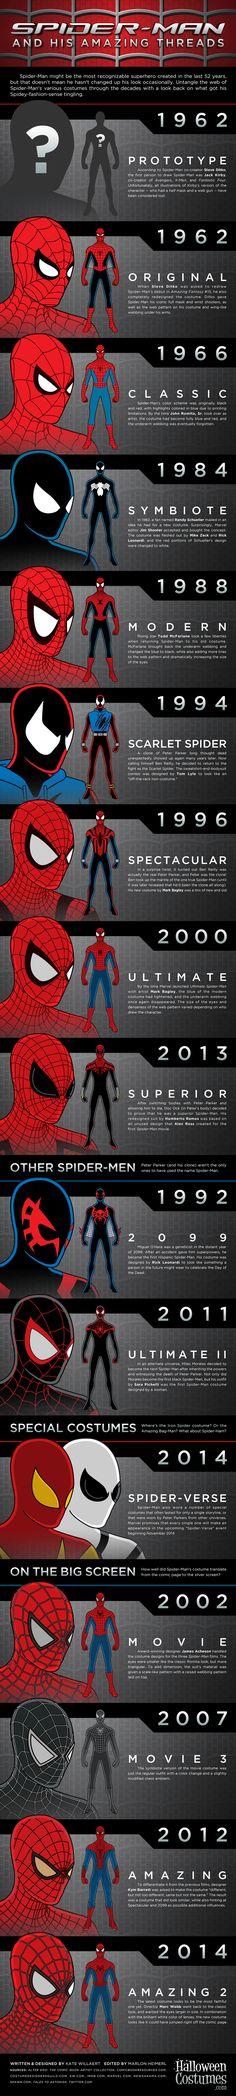 muito massa ver a evolução homem aranha, acho interessante essa parada de inovar para o personagem não se torna chato..